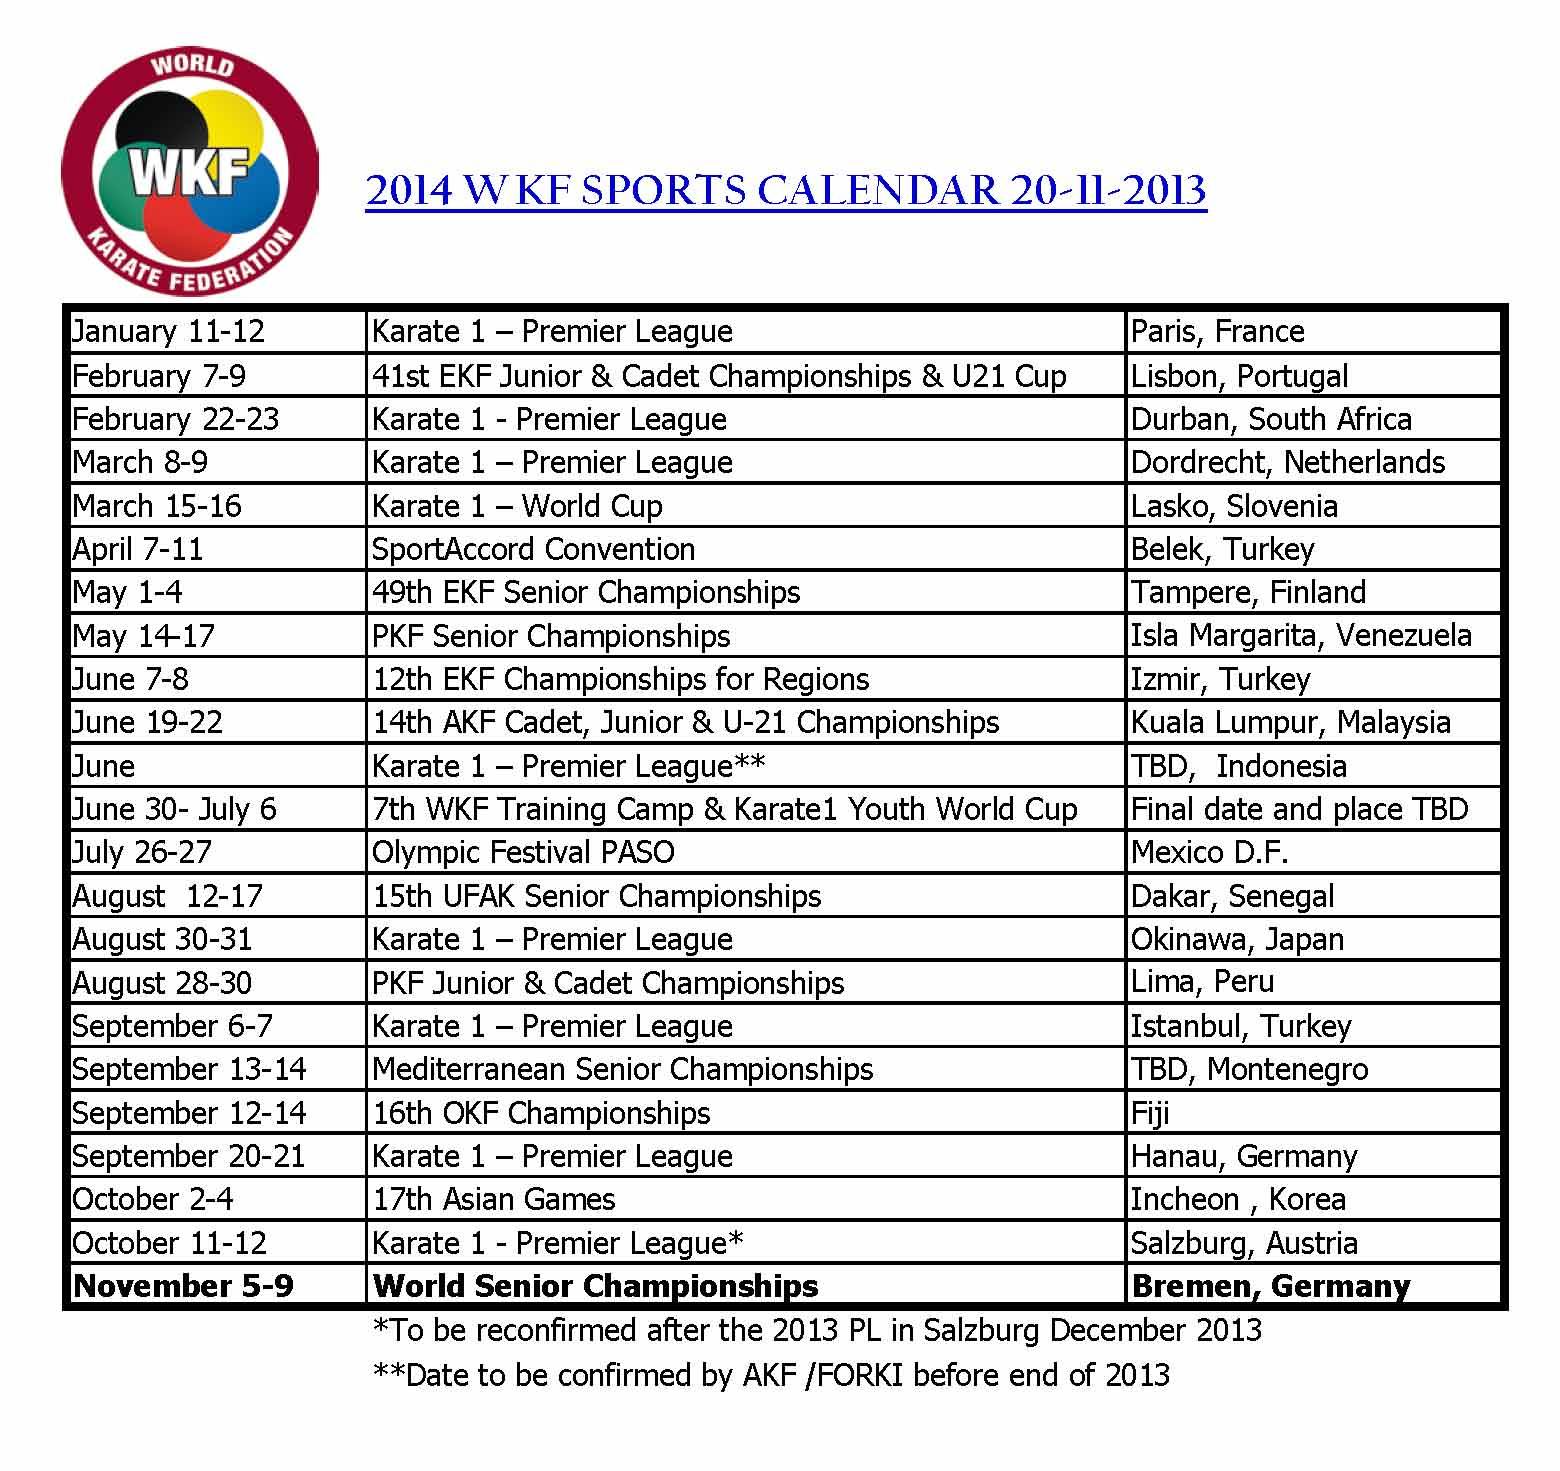 kalendar cesky ČESKÝ SVAZ KARATE: Sportovní Kalendář WKF 2014 kalendar cesky